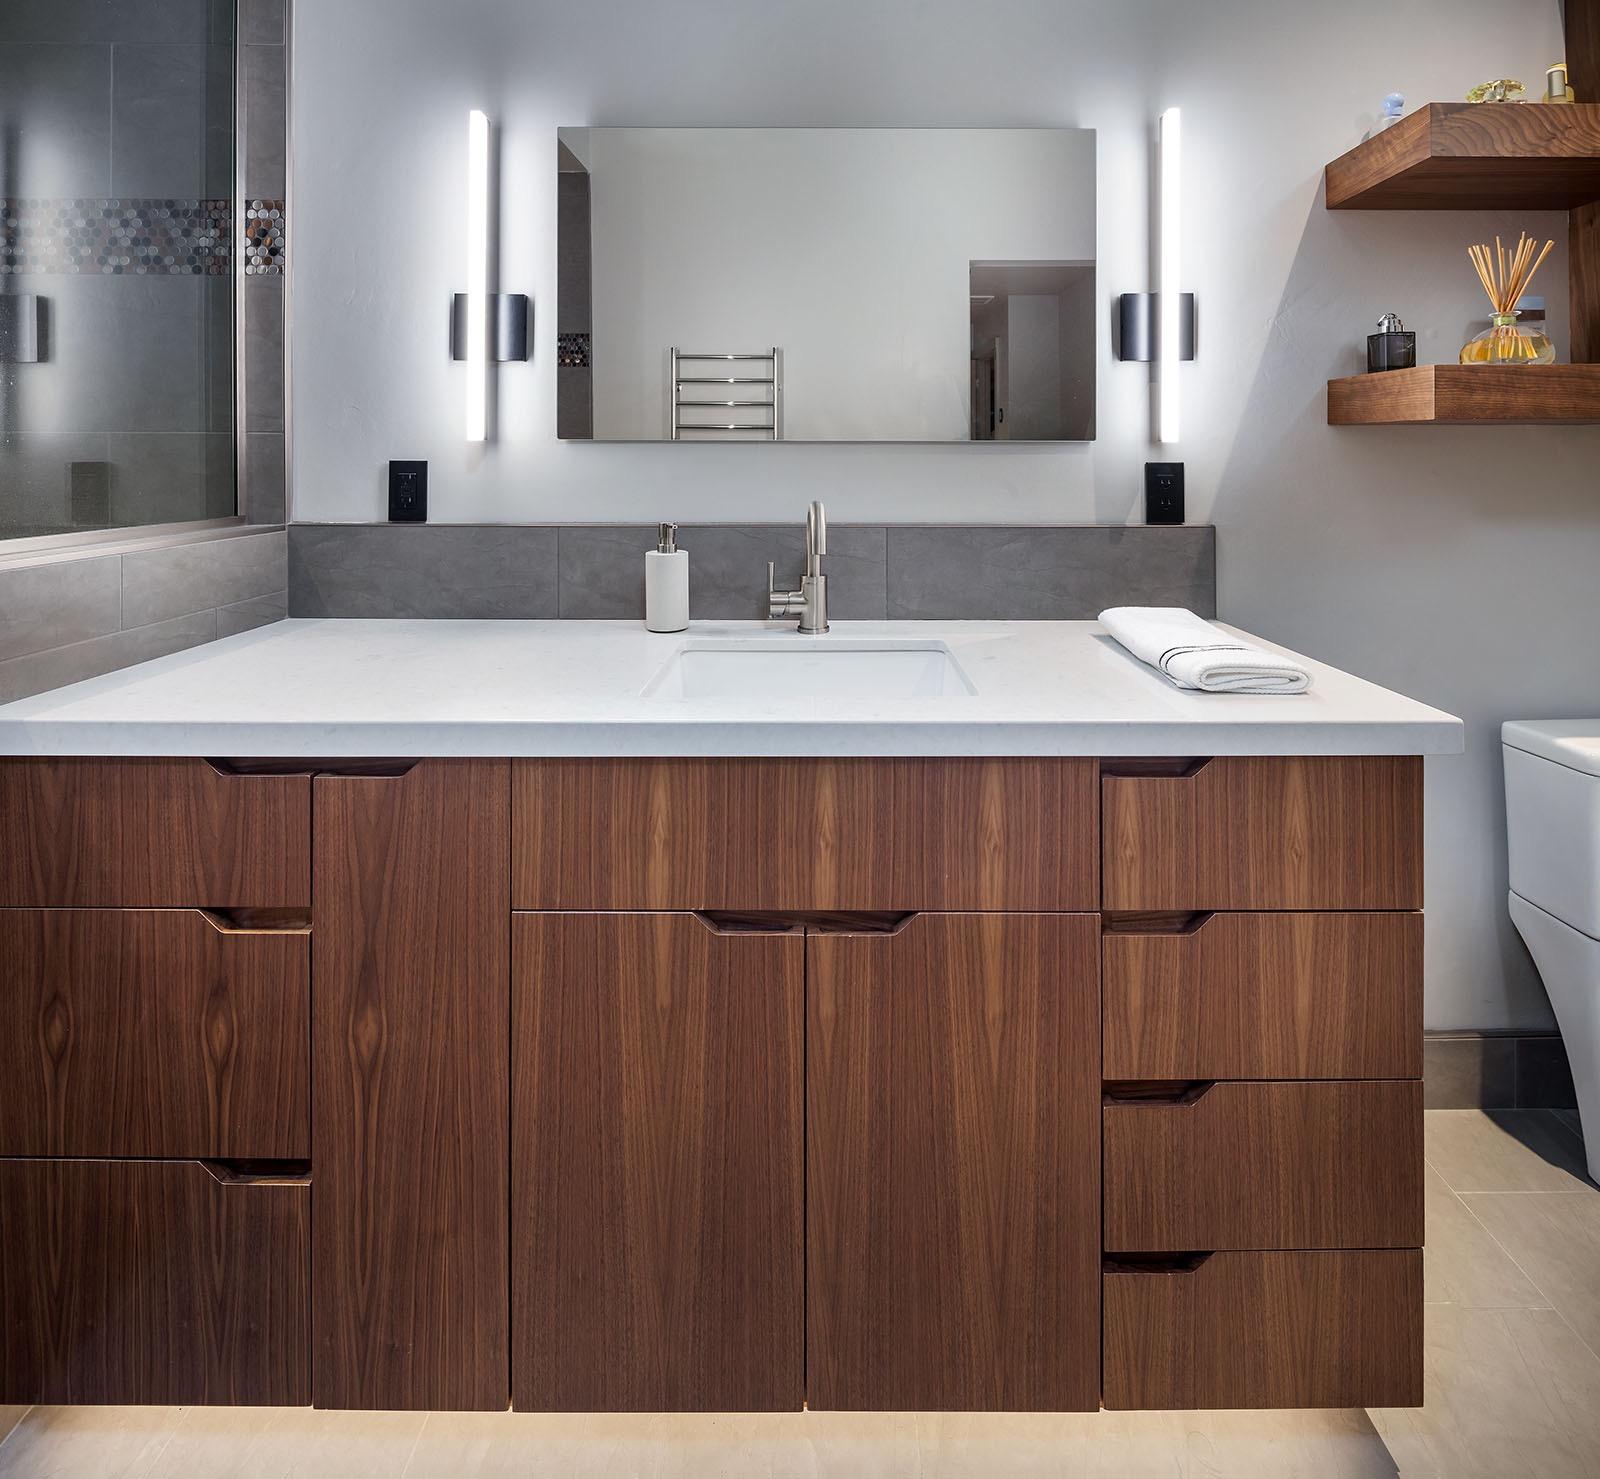 Warm Wood Vanity Furniture In Gray Modern Bathroom (View 14 of 18)